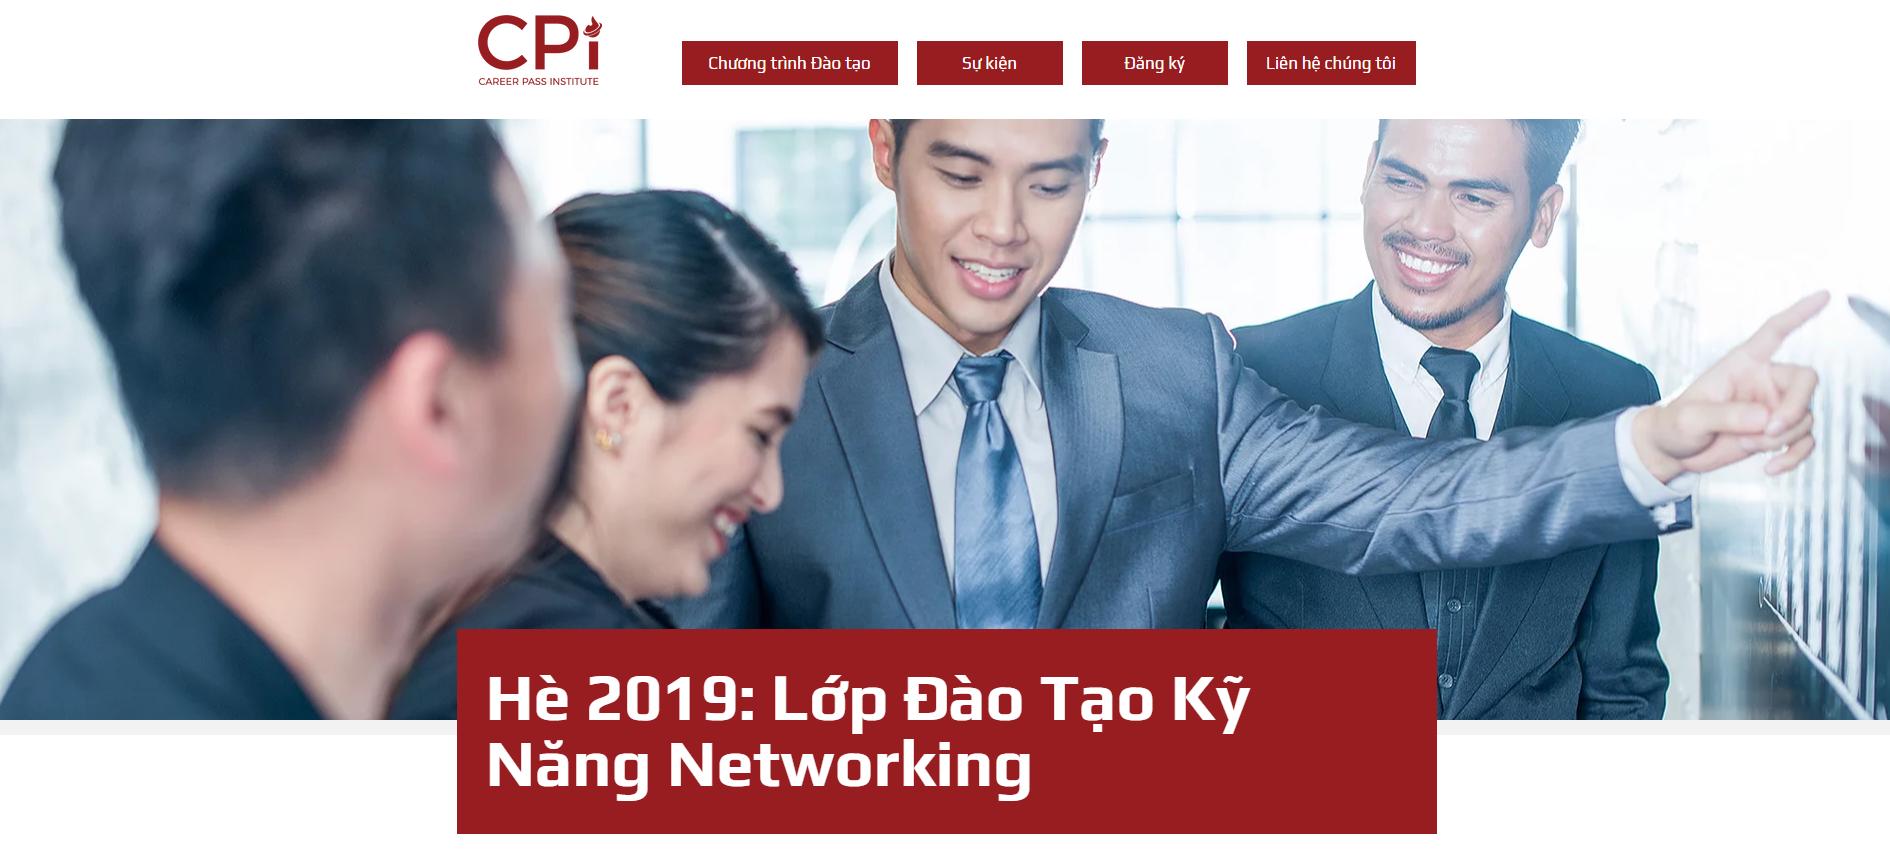 HOT!!! Sự kiện đào tạo Networking và Career Elevator Pitch Challenge tại Việt Nam (6/7 & 28/7) do Career Pass Institute USA tổ chức.